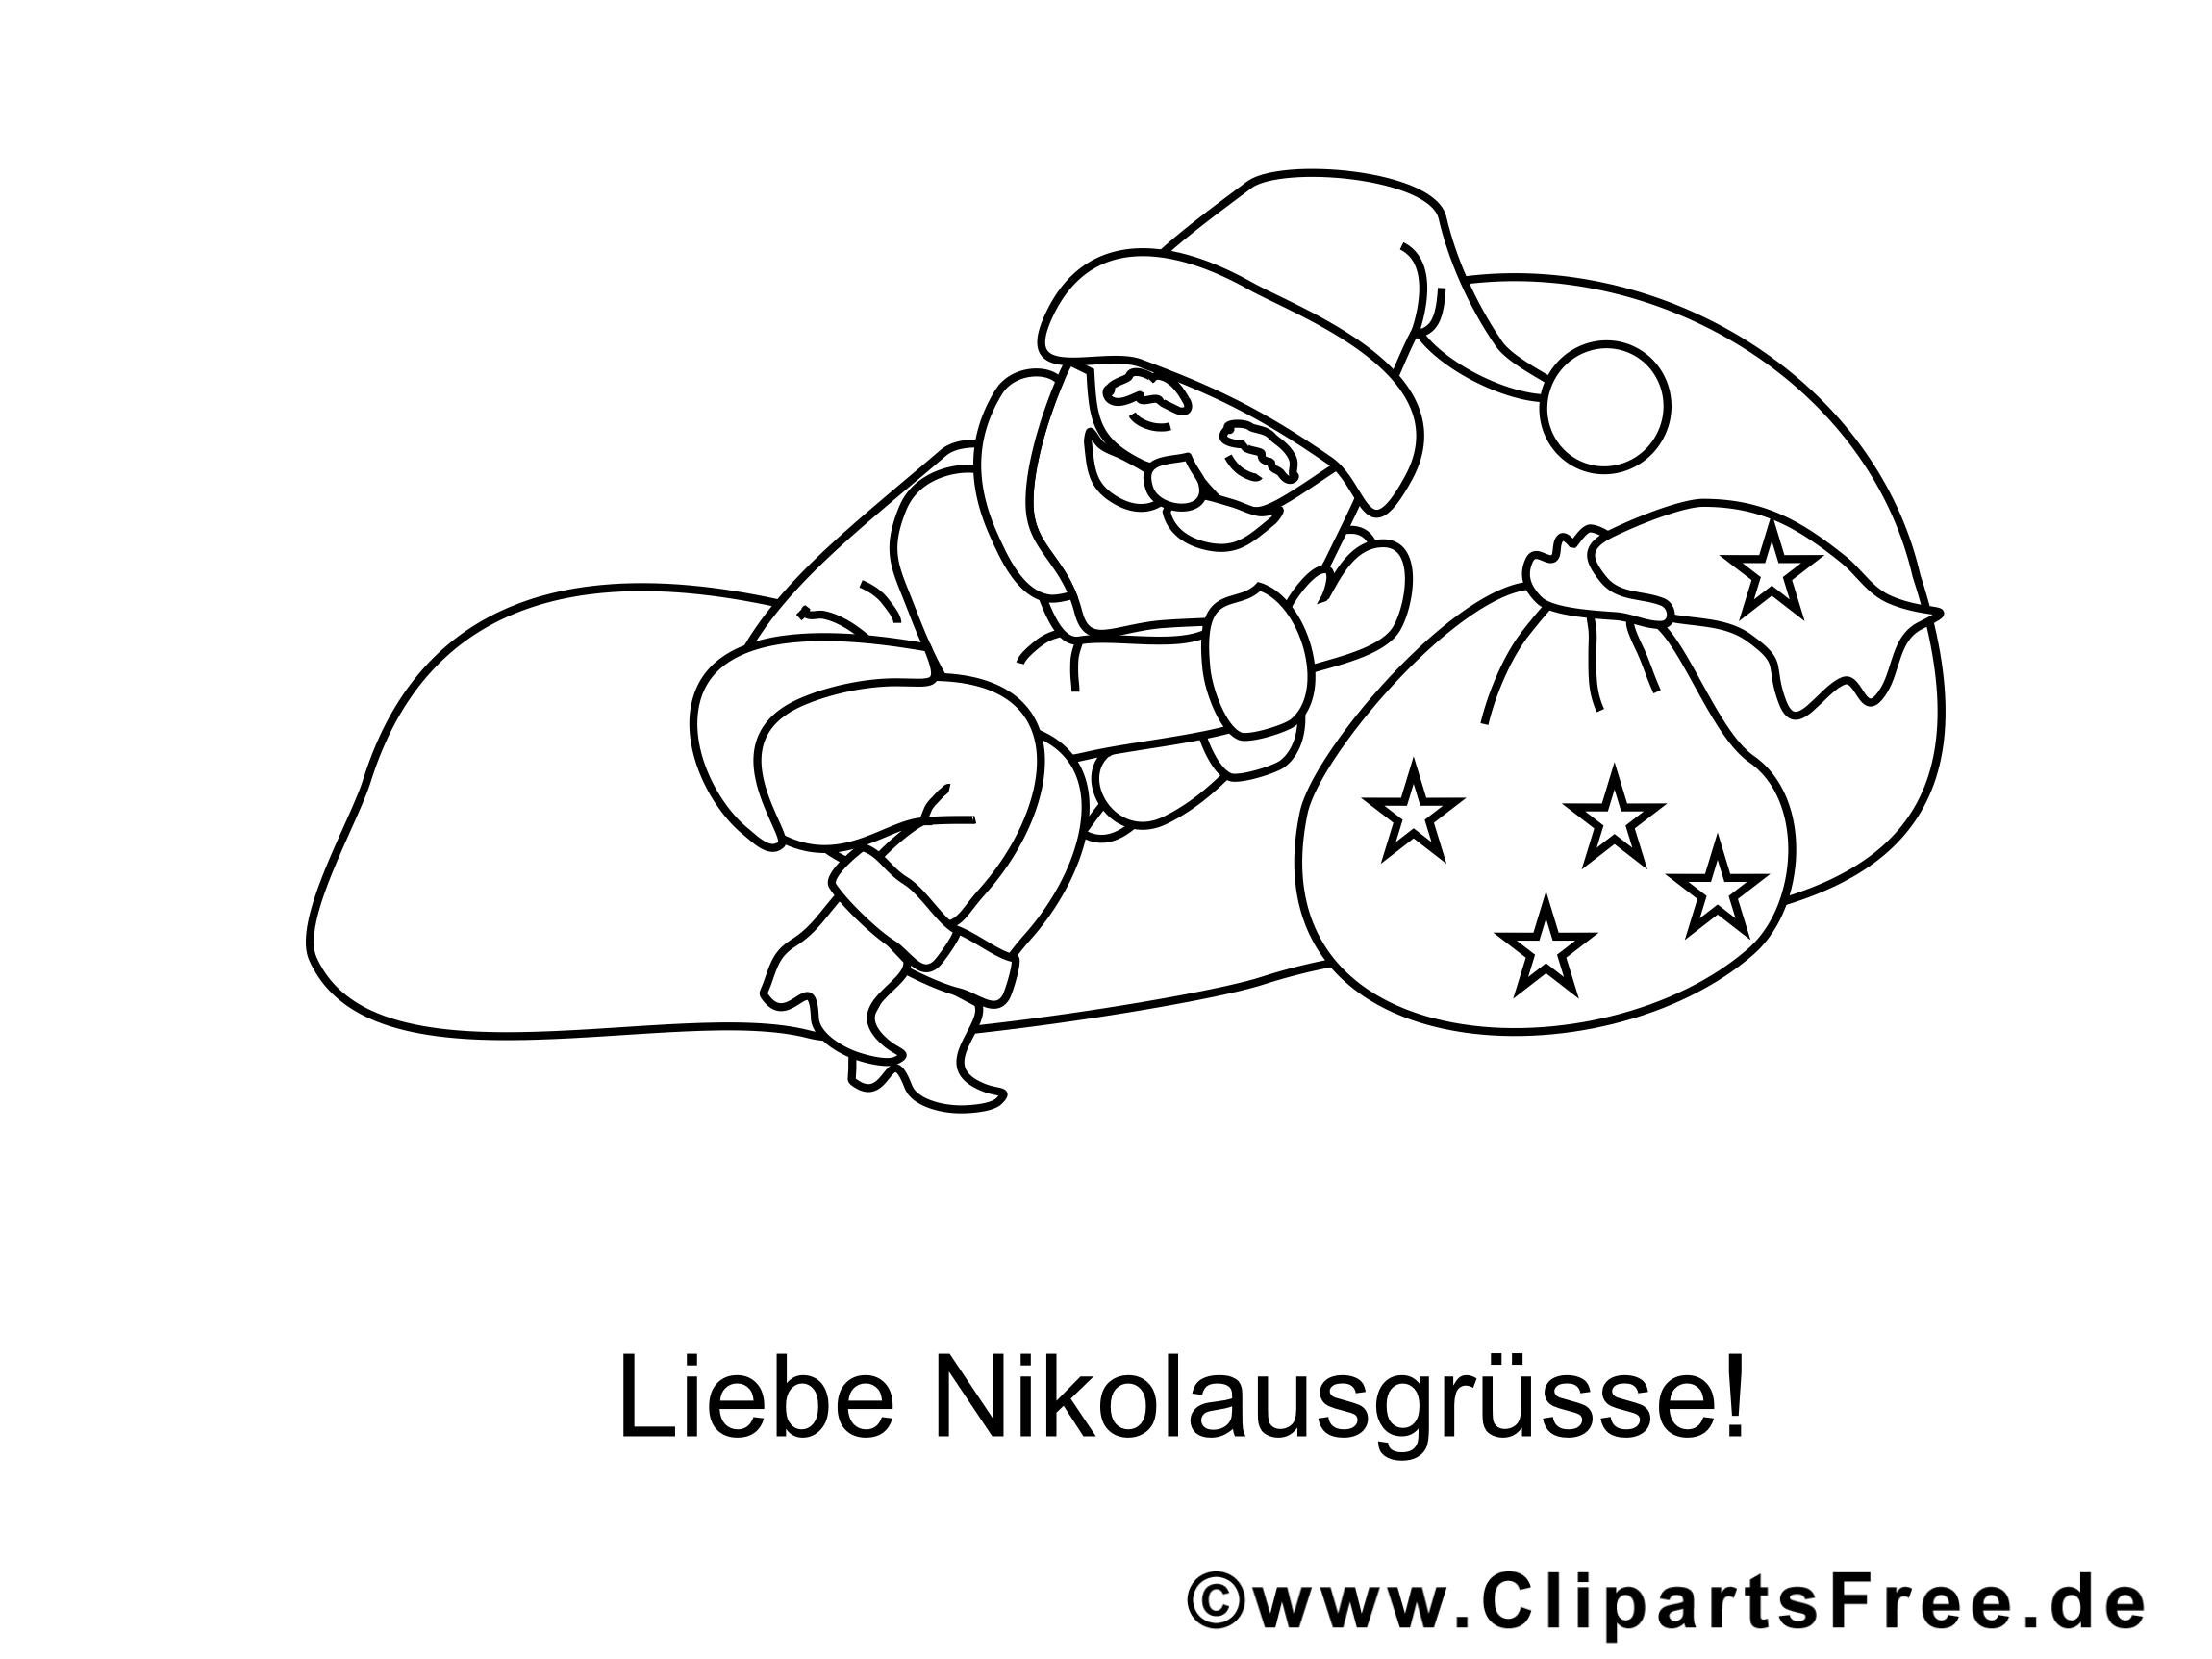 weihnachtsmann ruht sich aus ausmalbild